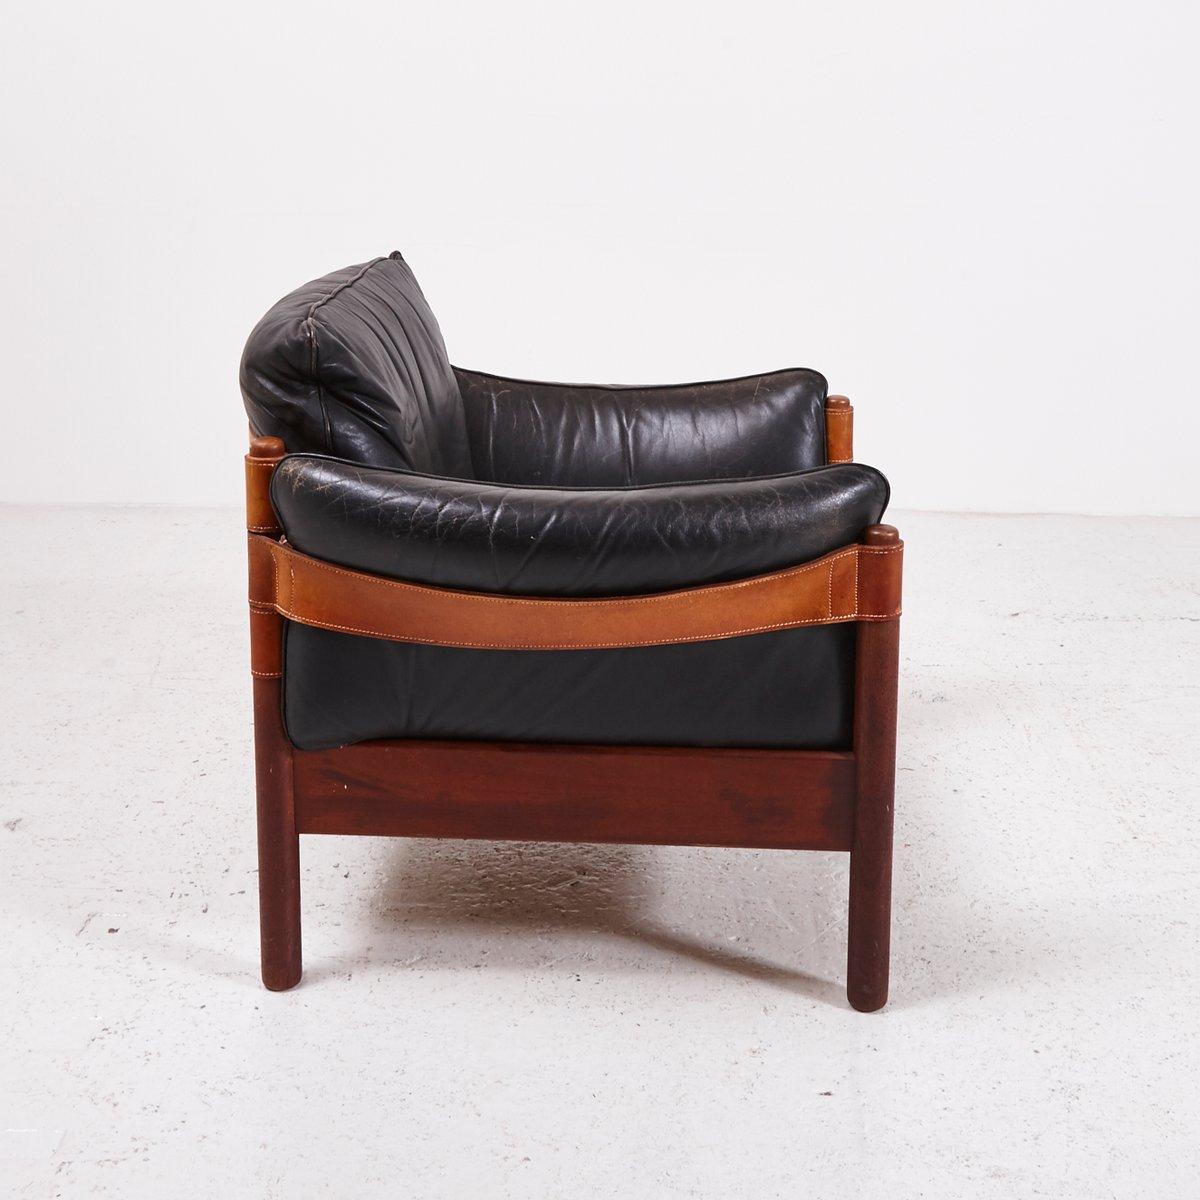 schwarzer vintage ledersessel mit lederg rtel bei pamono kaufen. Black Bedroom Furniture Sets. Home Design Ideas